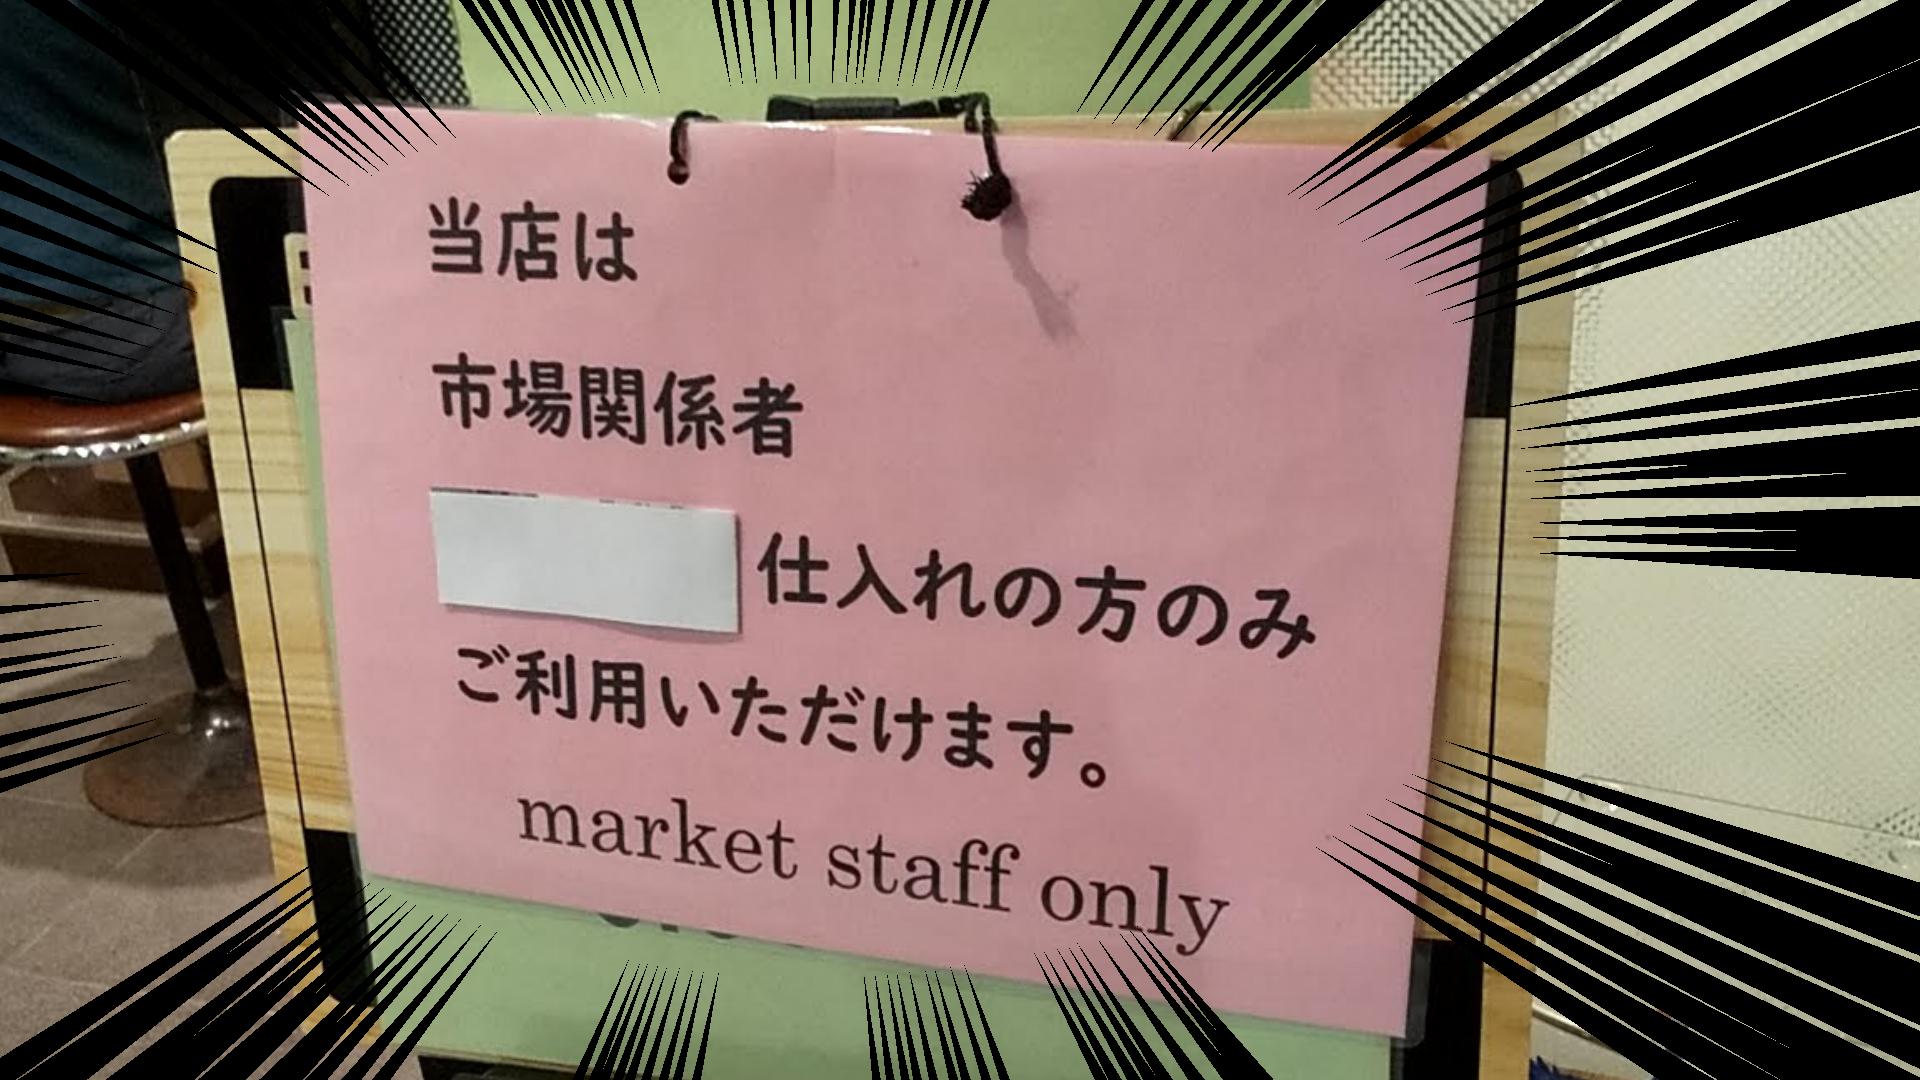 ふぢの入り口の注意書きの写真のアップ